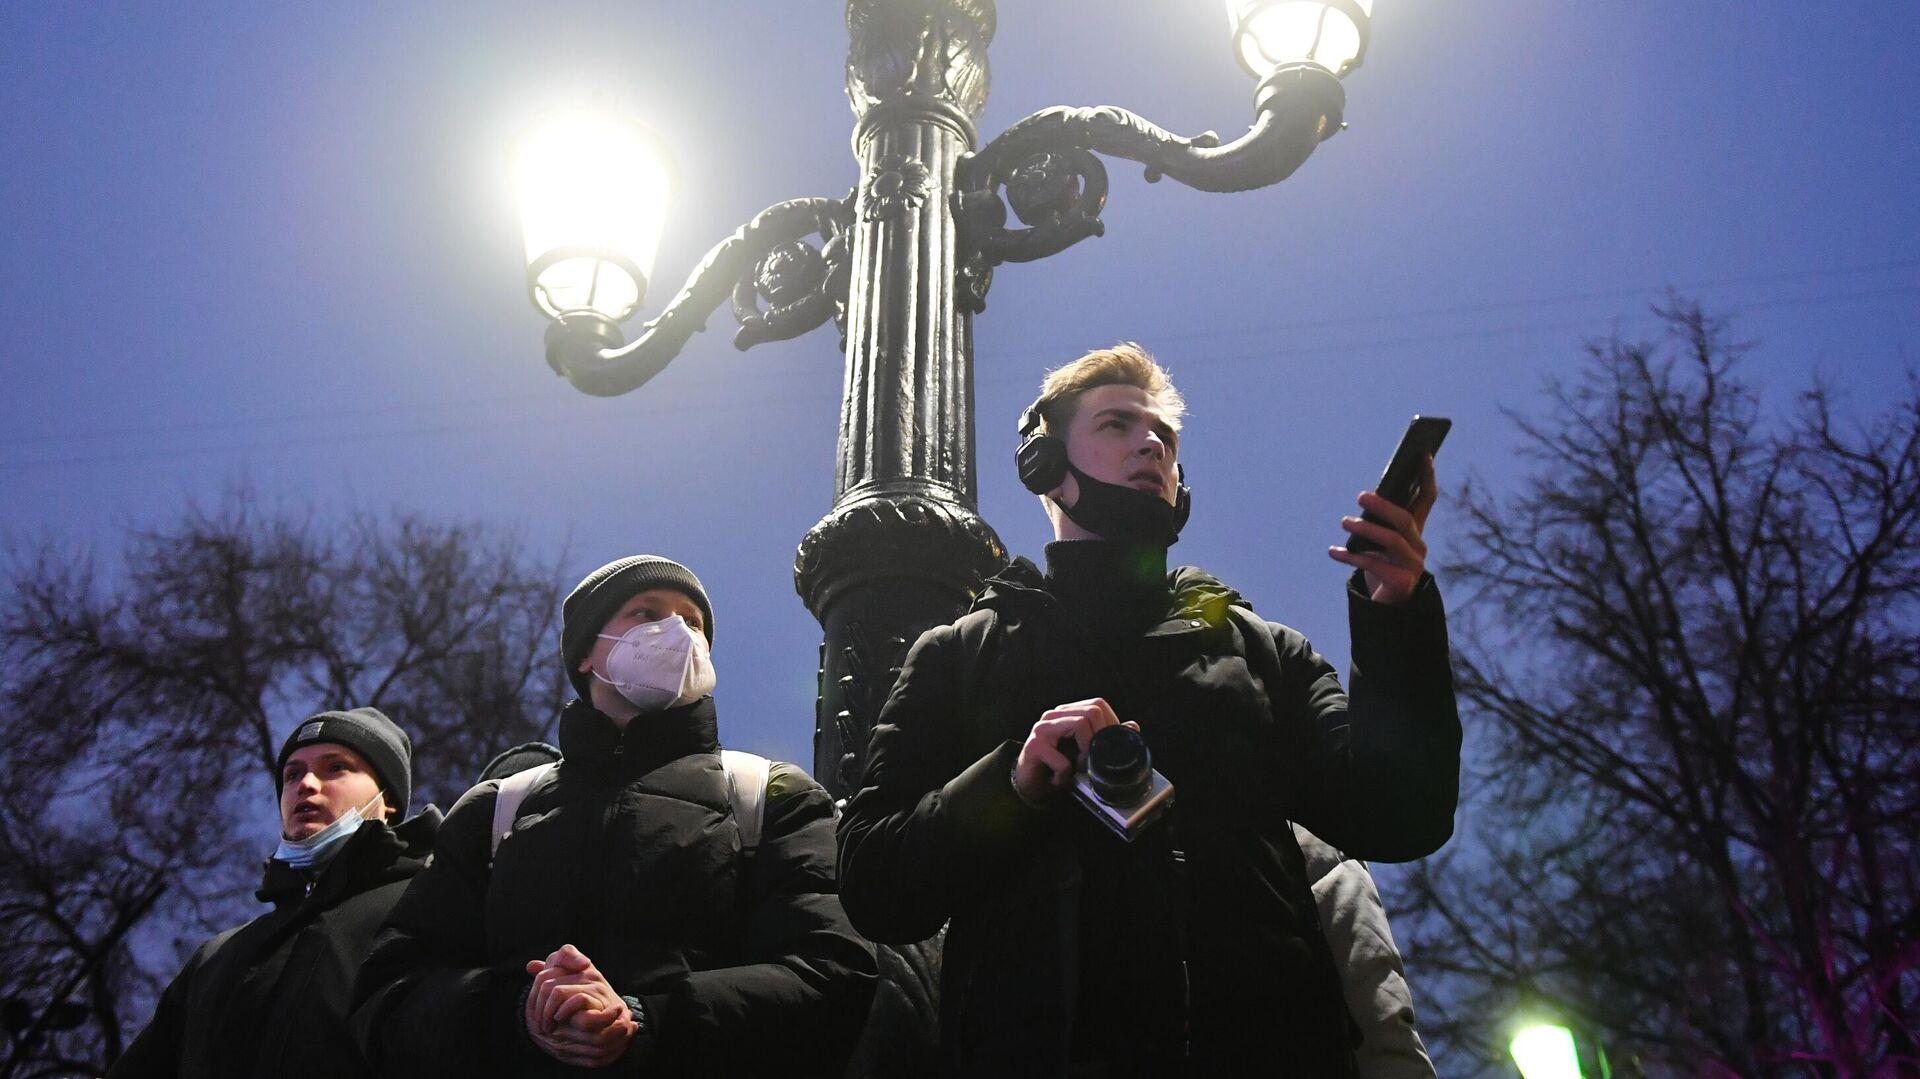 Несанкционированные акции сторонников А. Навального - РИА Новости, 1920, 27.01.2021